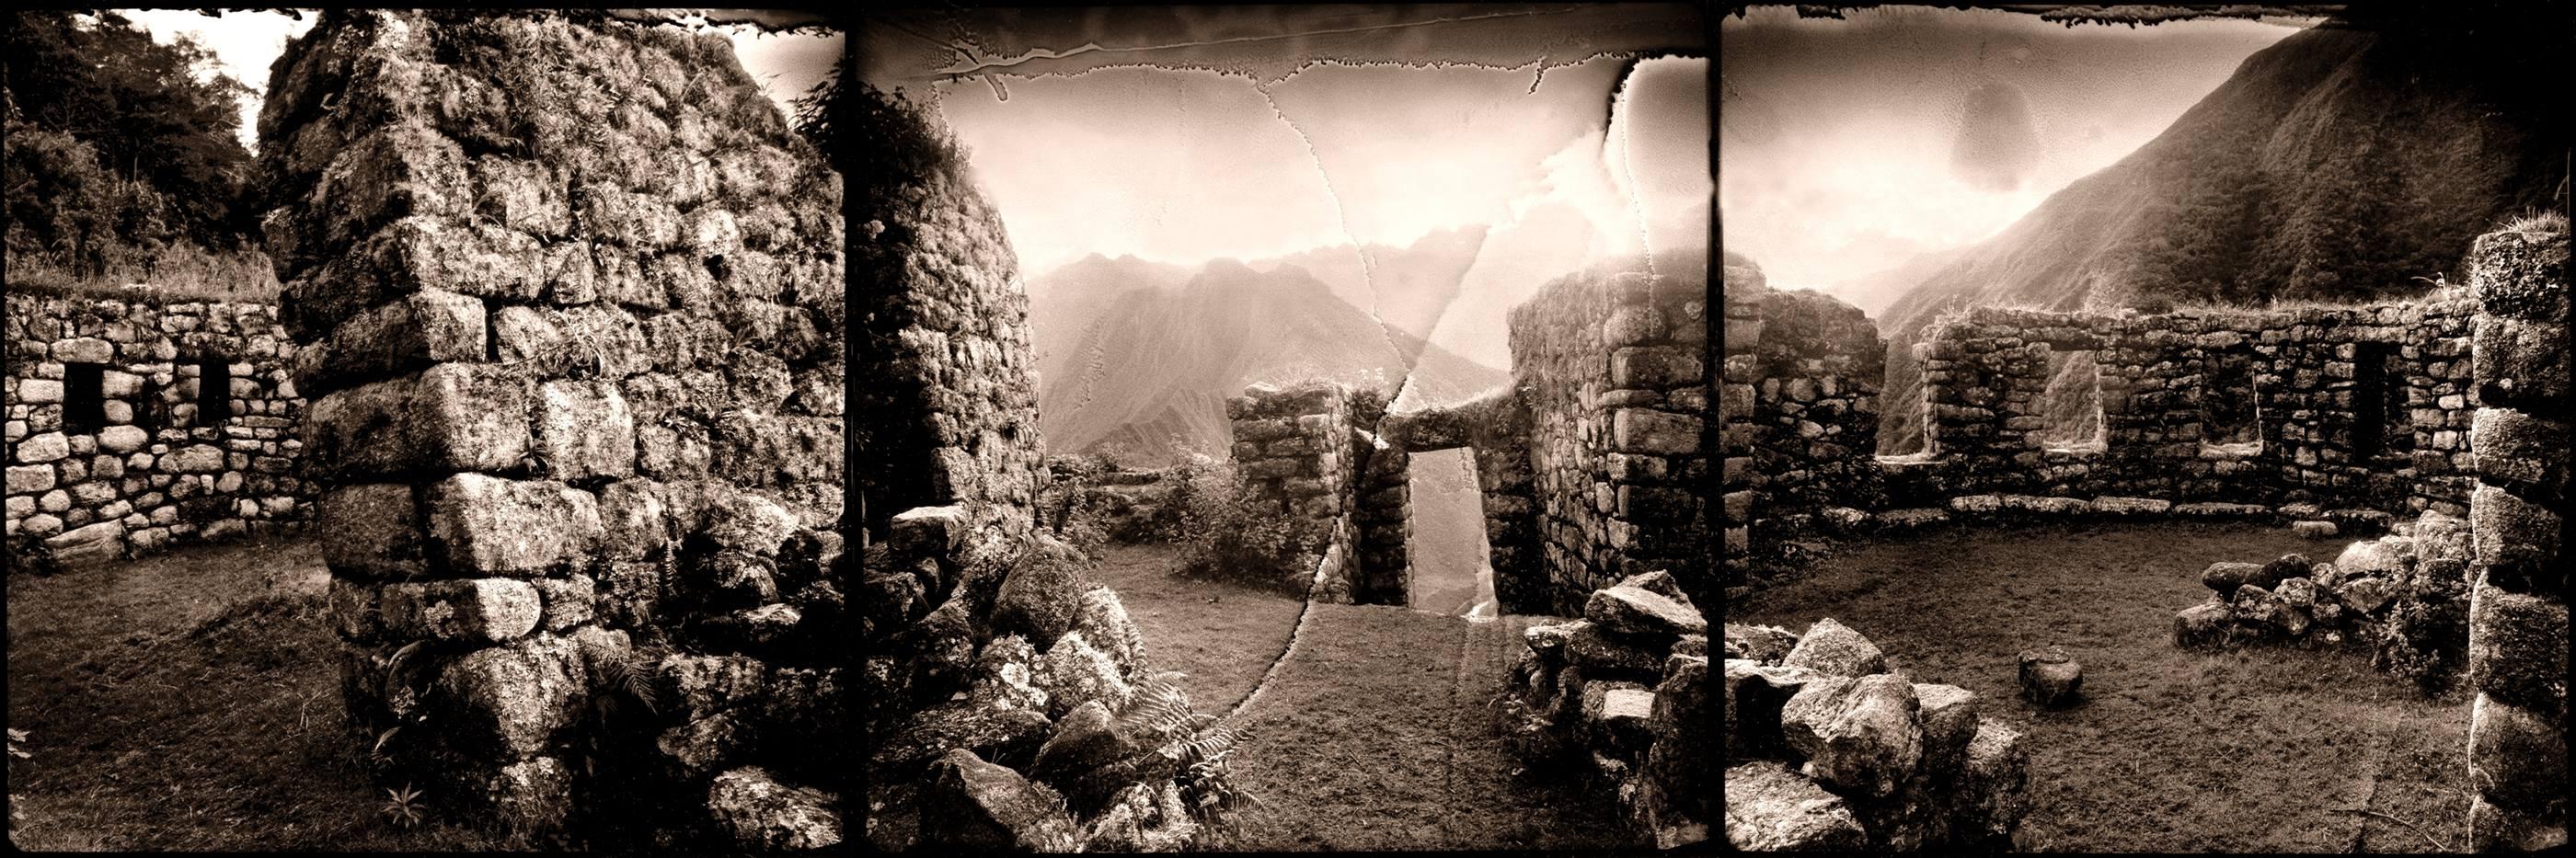 Templo del sol. Wiñay-Wayna.1994<br/>Virado de oro / Golden Toner